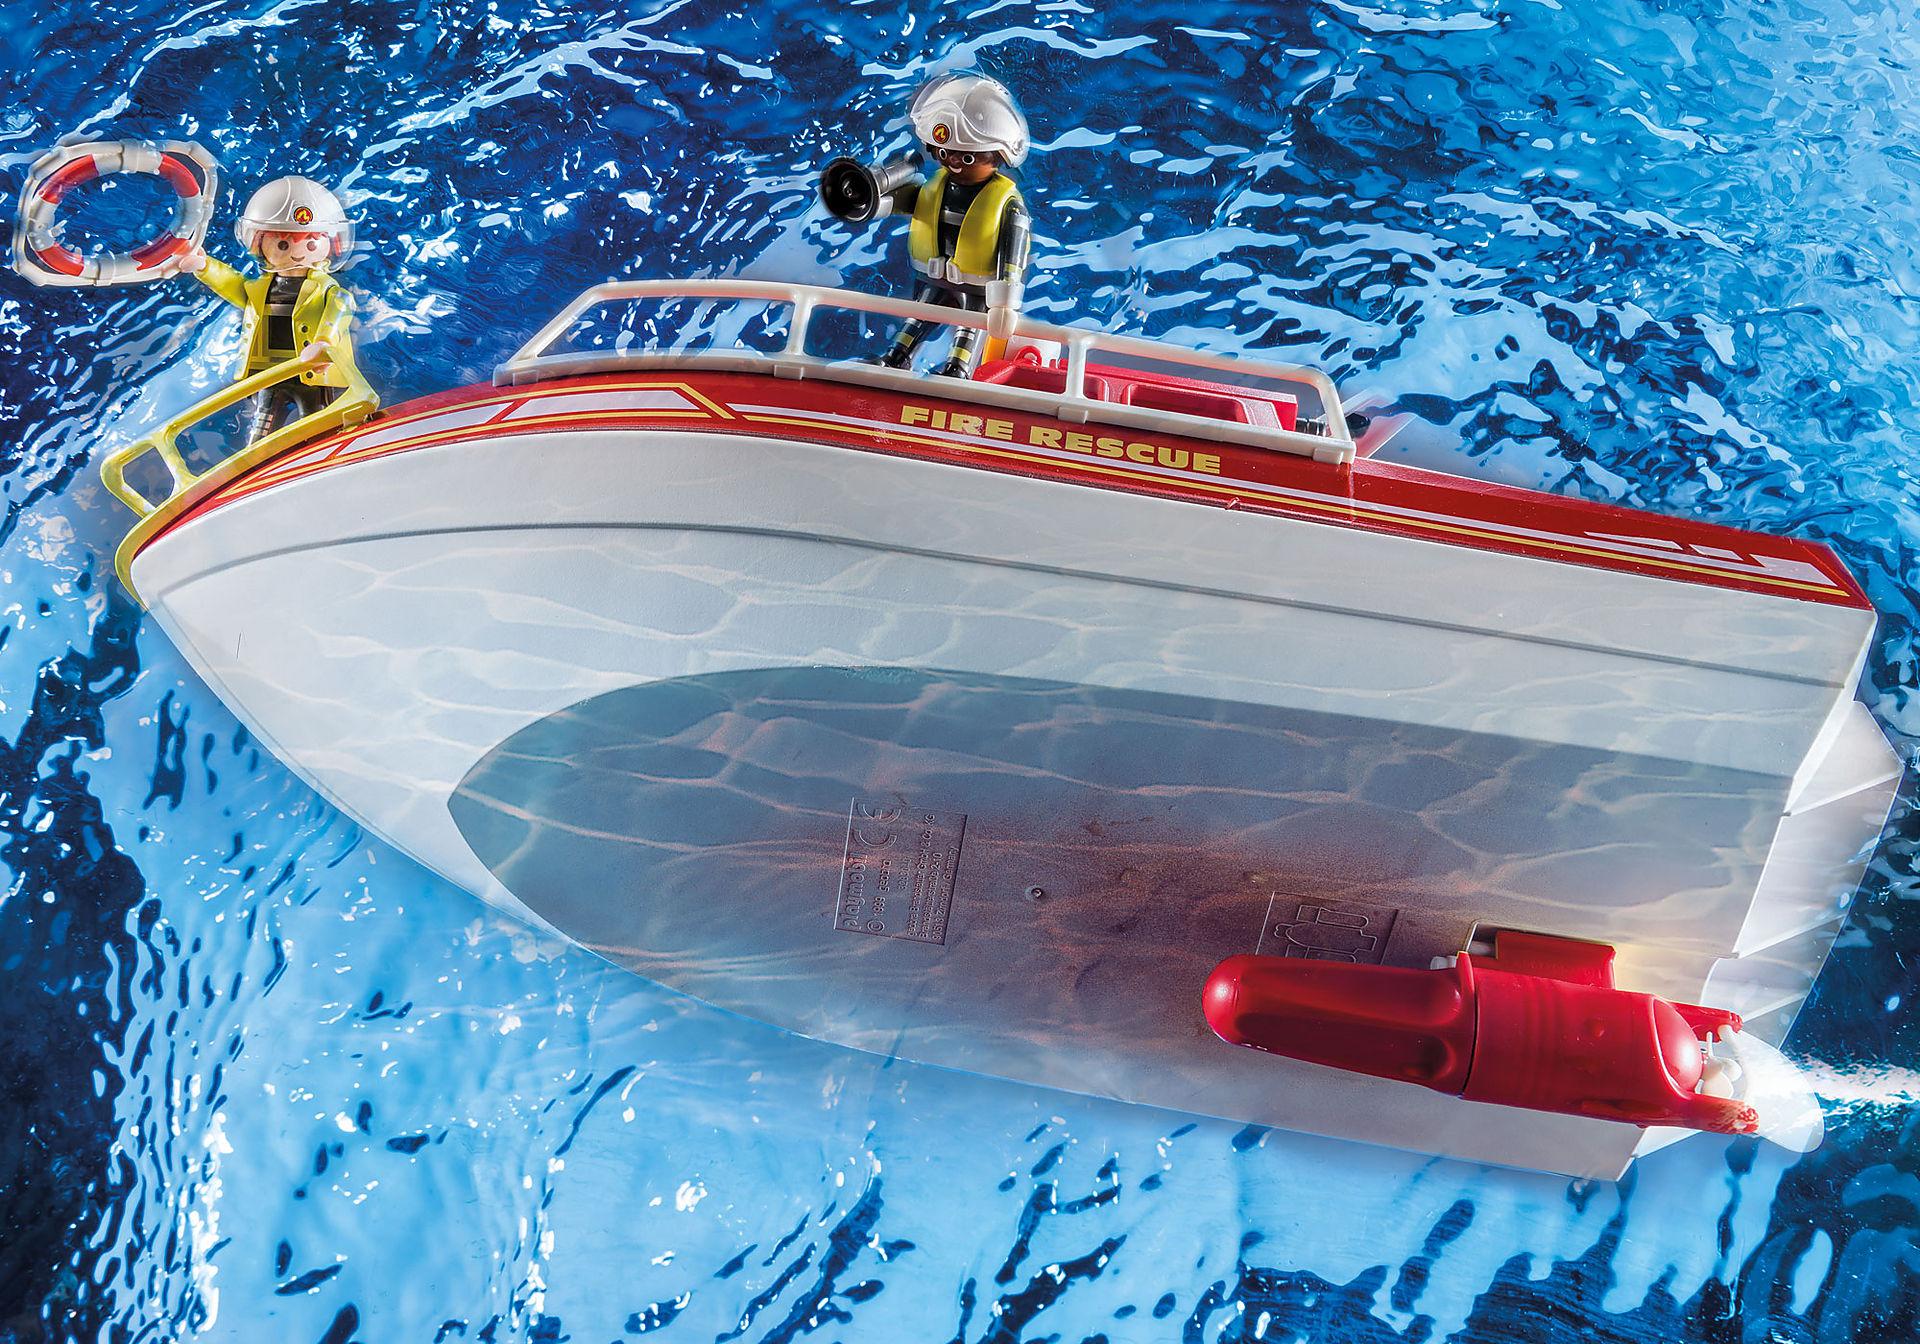 70147 Feuerlöschboot zoom image6